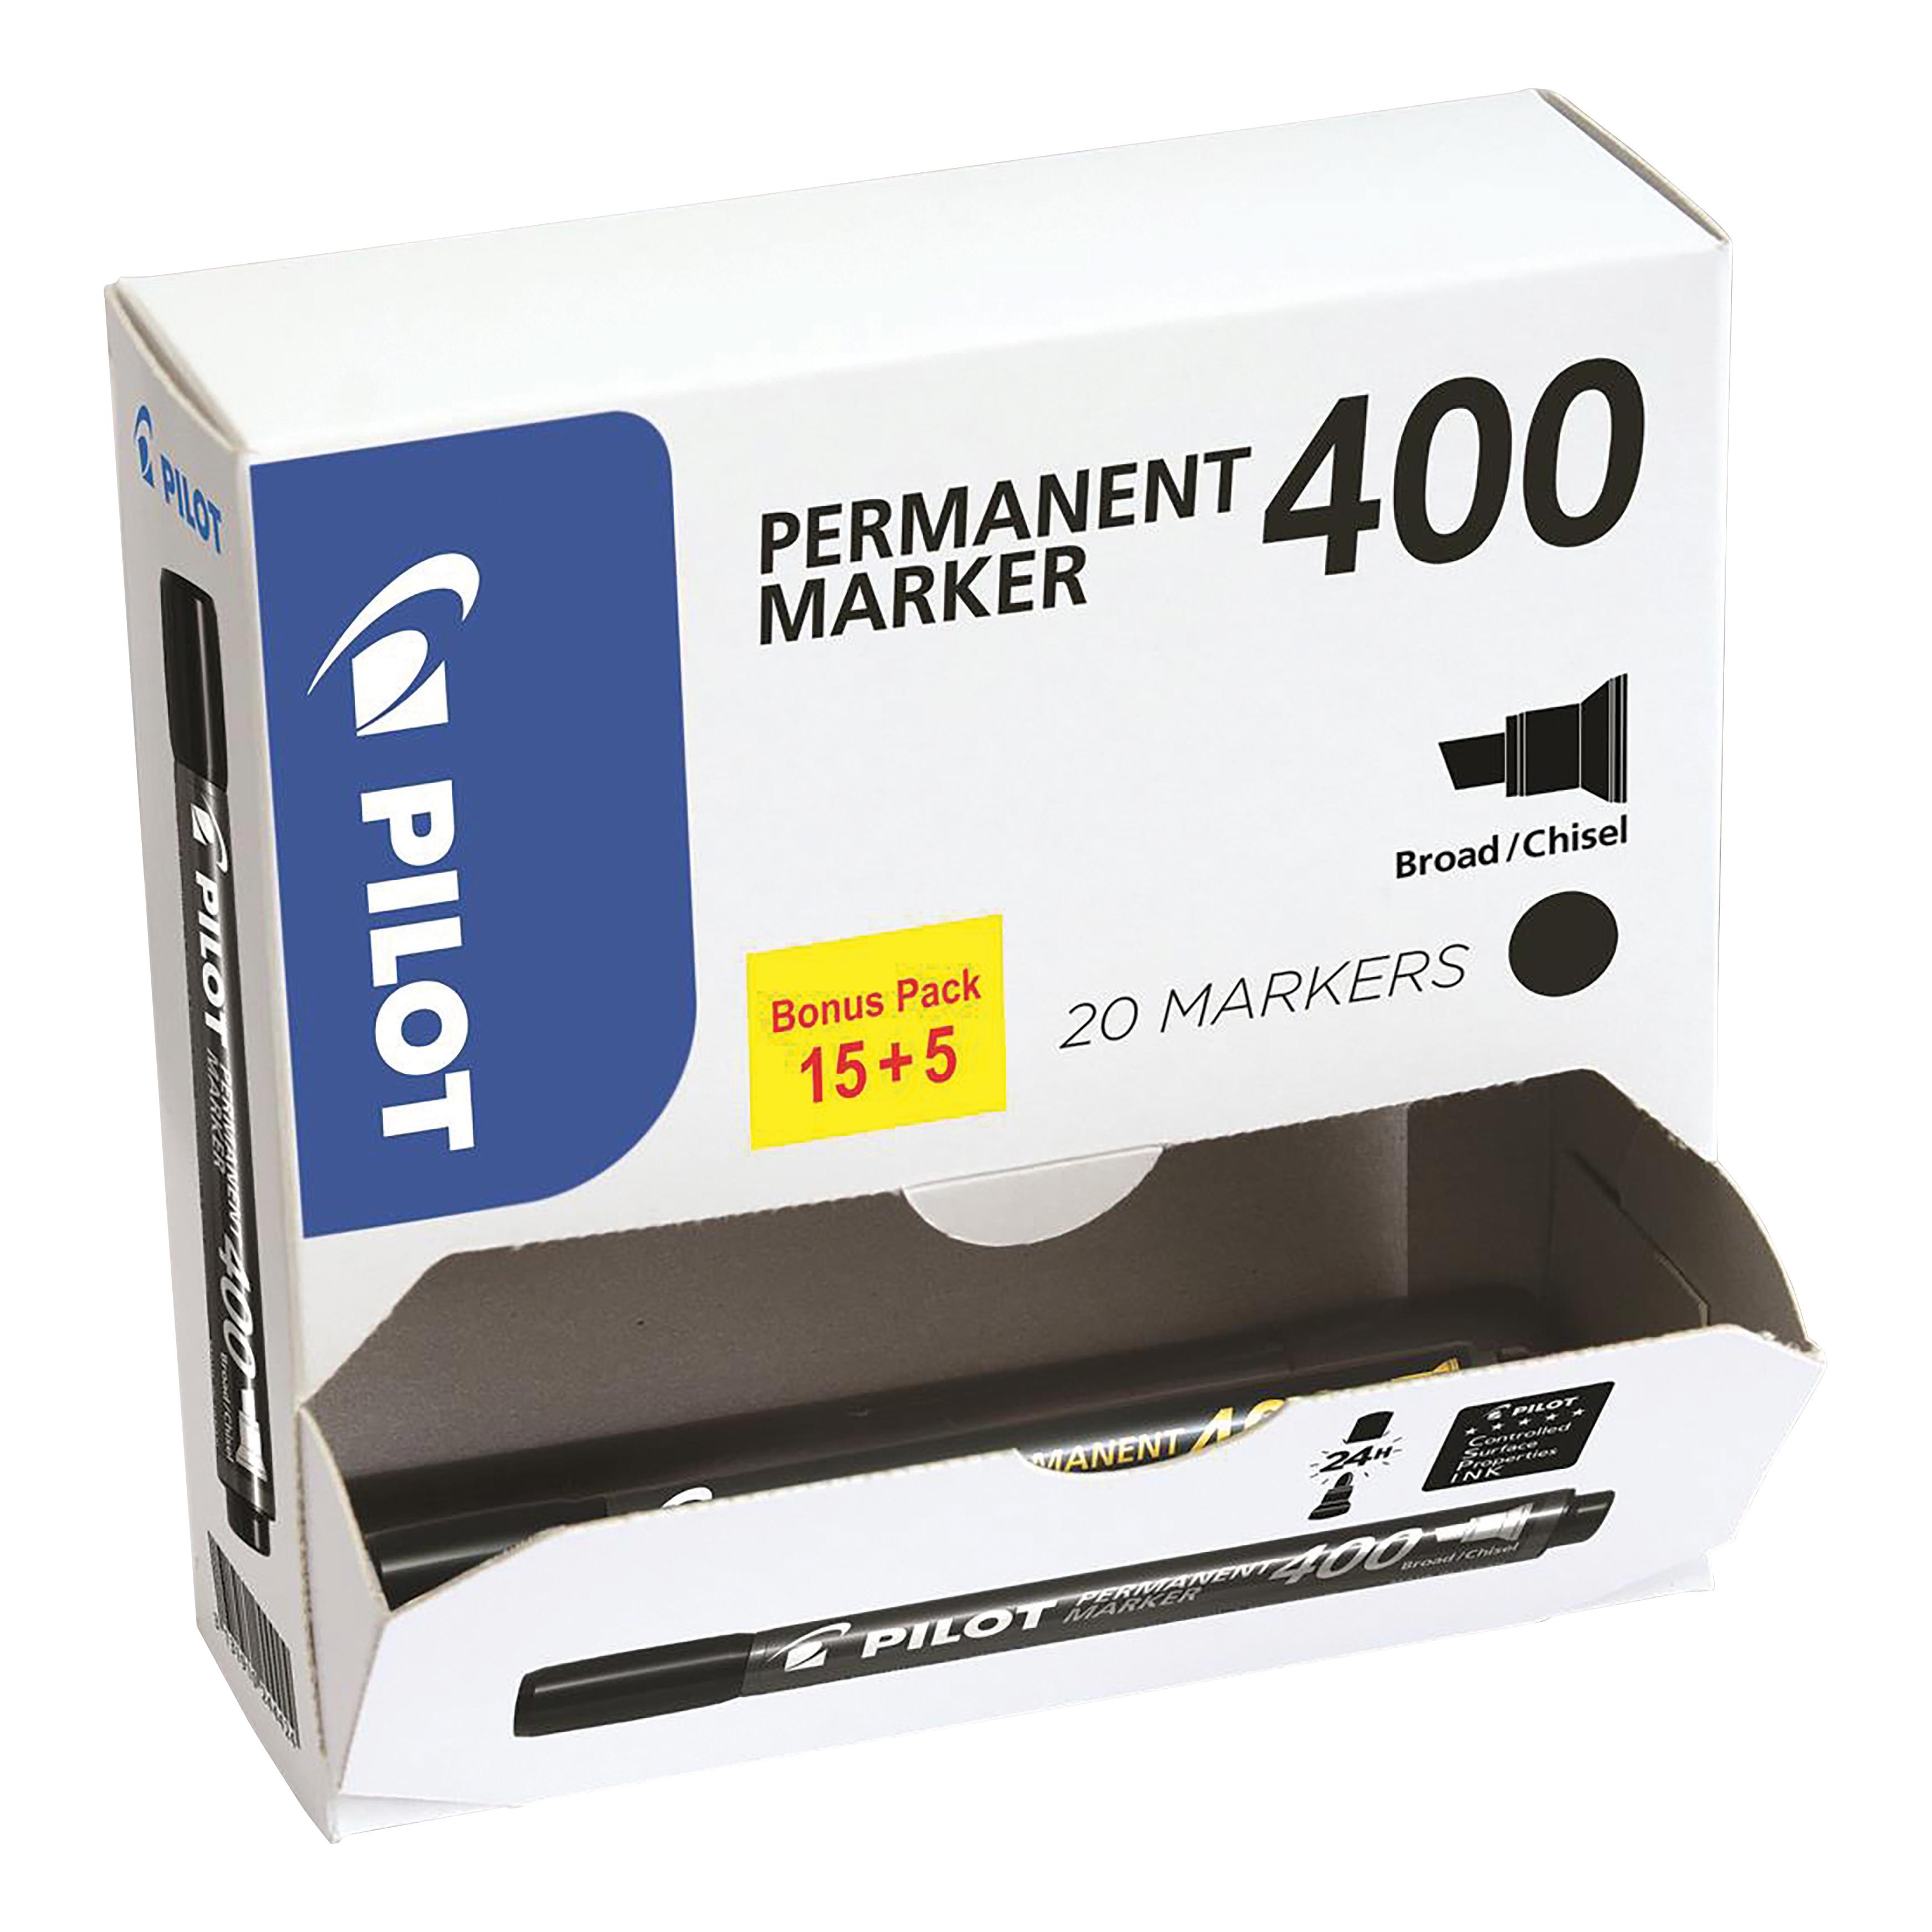 Pilot 400 Permanent Marker Chisel Tip Line 1.5-4.0mm Black Ref 3131910504061 Pack 15&5 Free